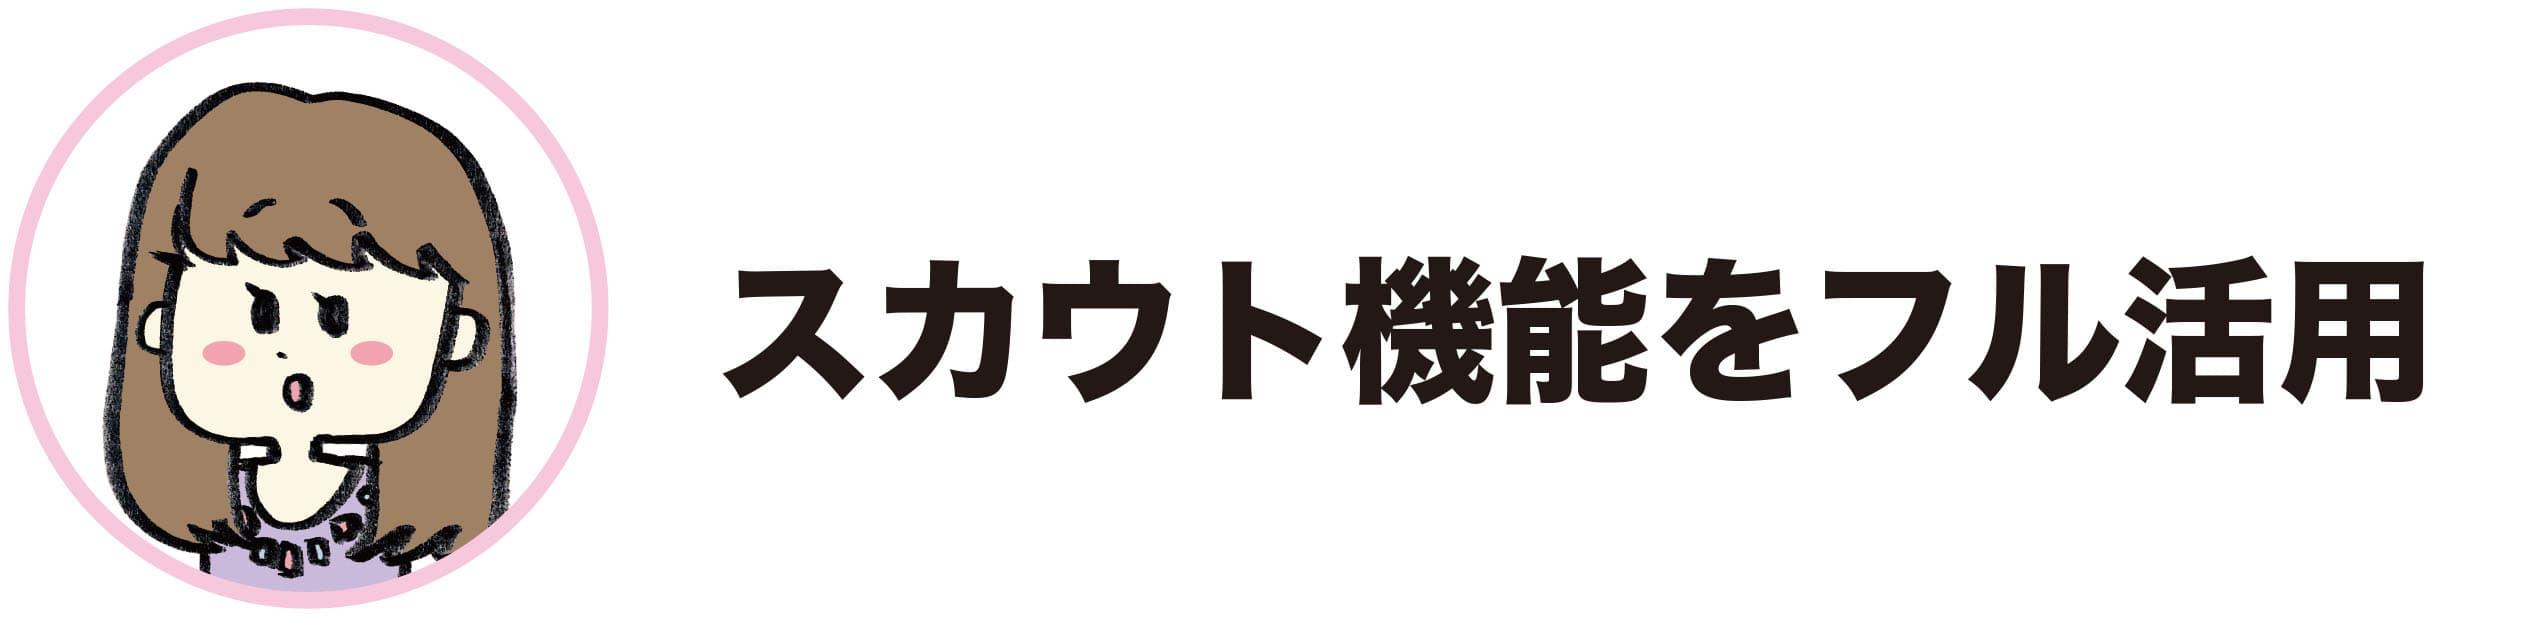 橋本の回答